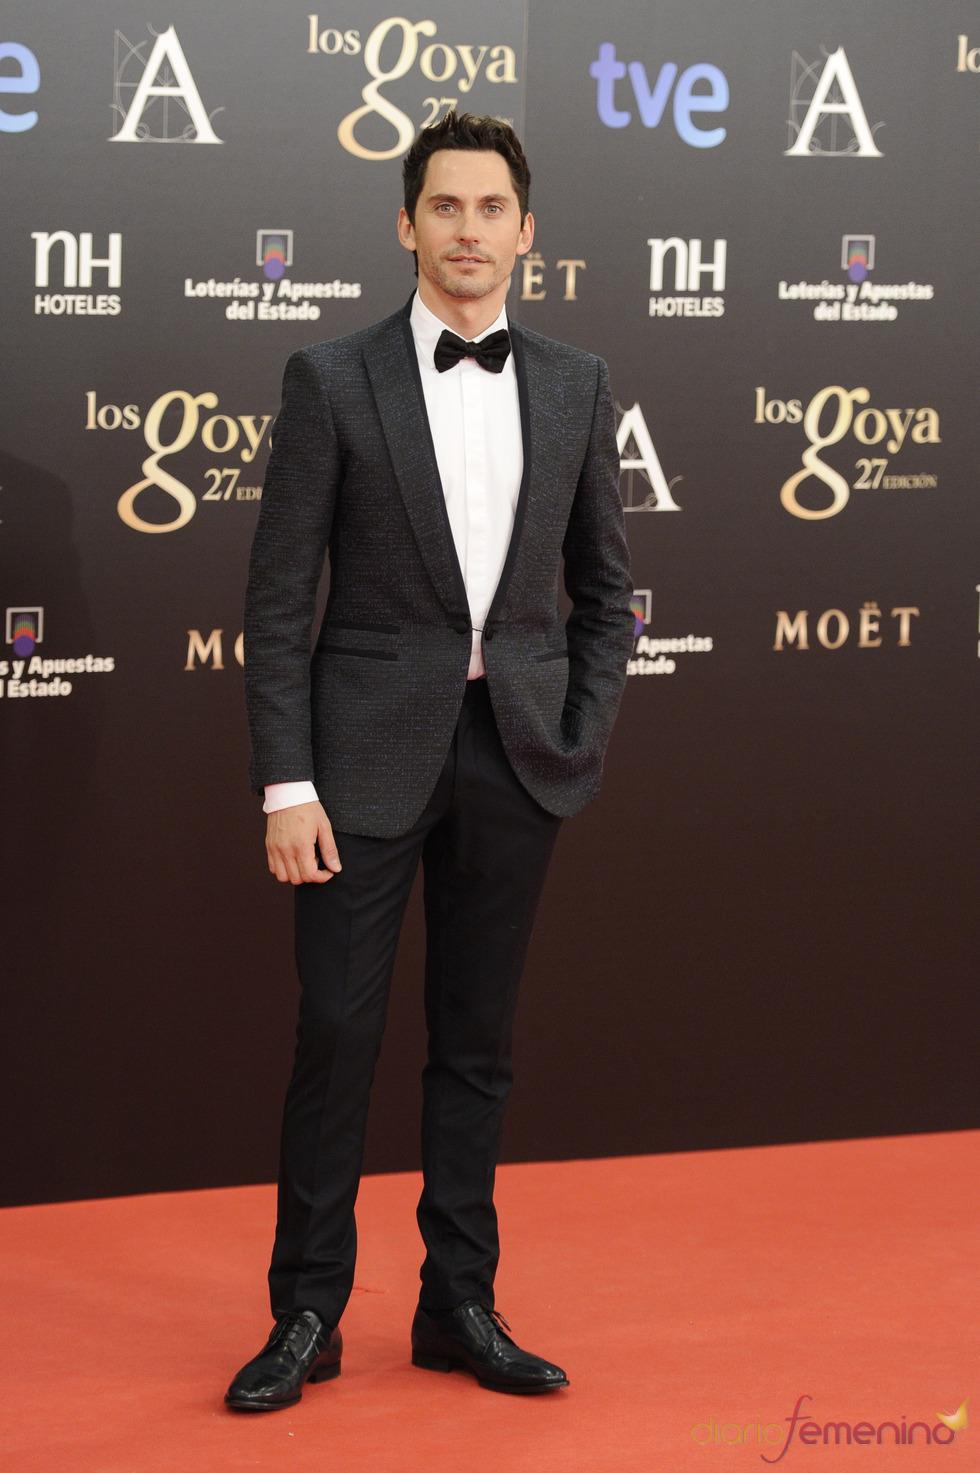 Paco León en la alfombra roja de los Goya 2013